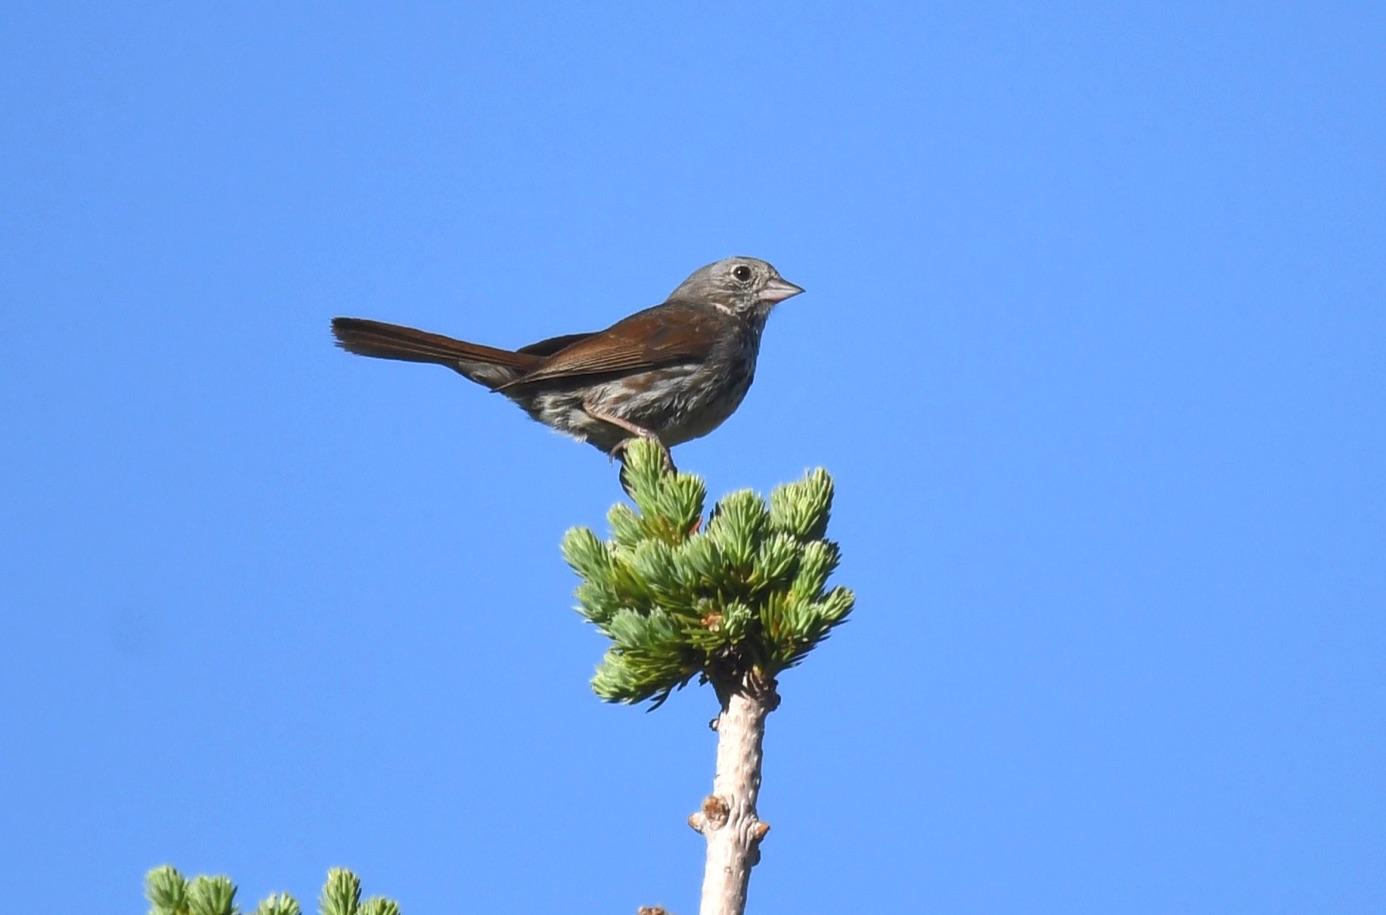 Slate-coloured Fox Sparrow